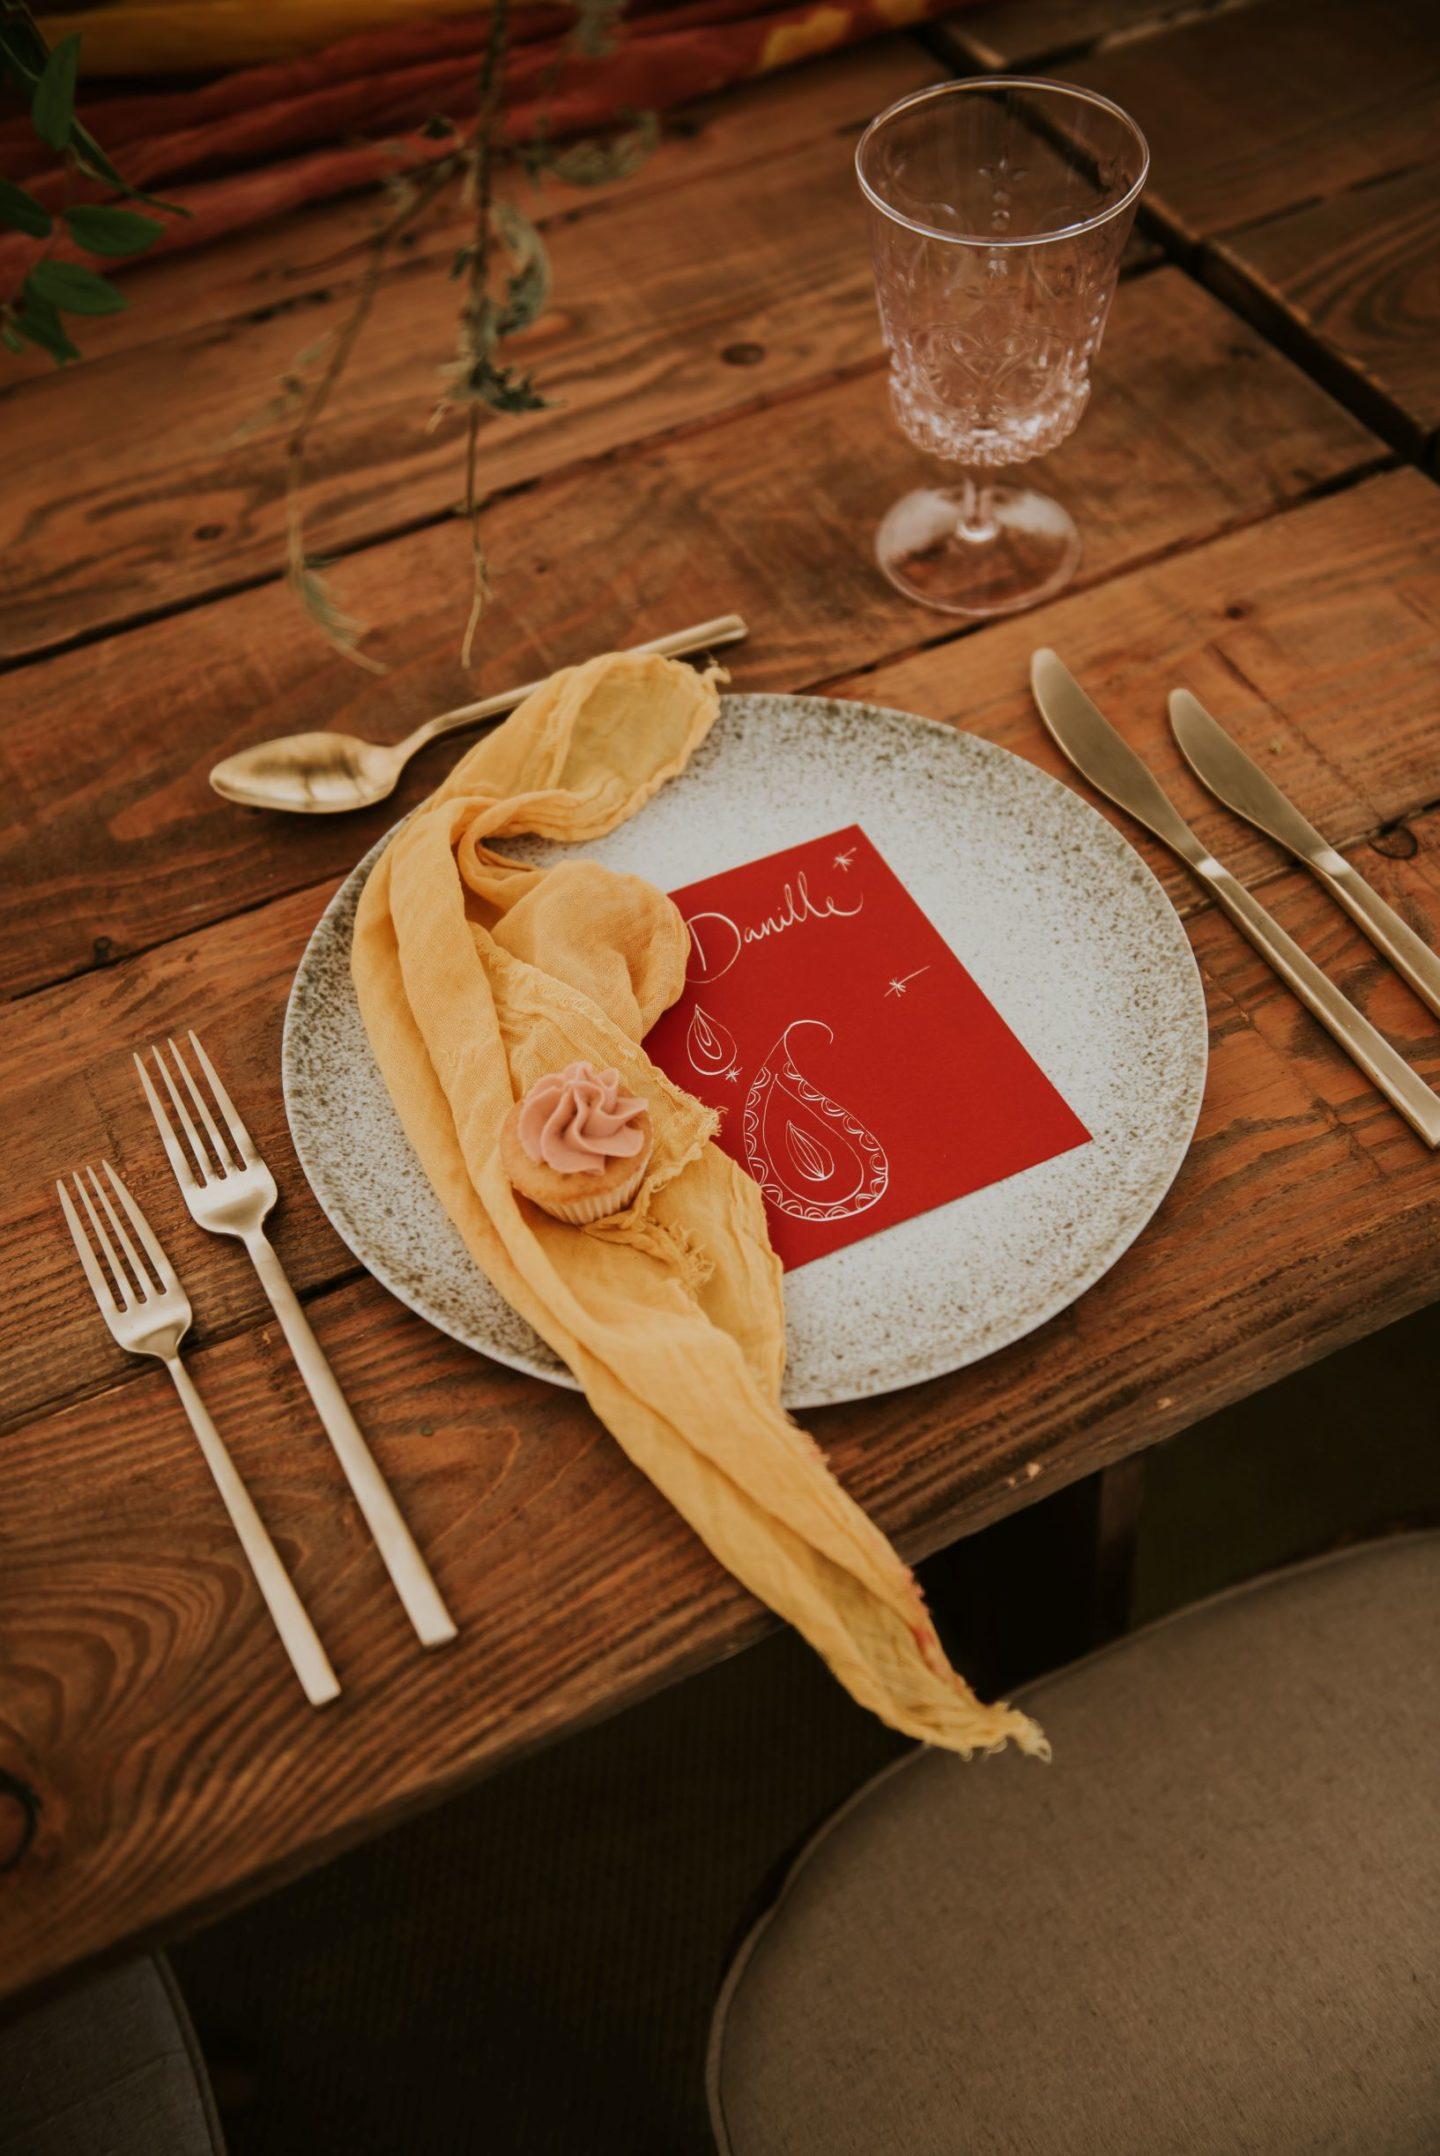 boho table setting on oak table